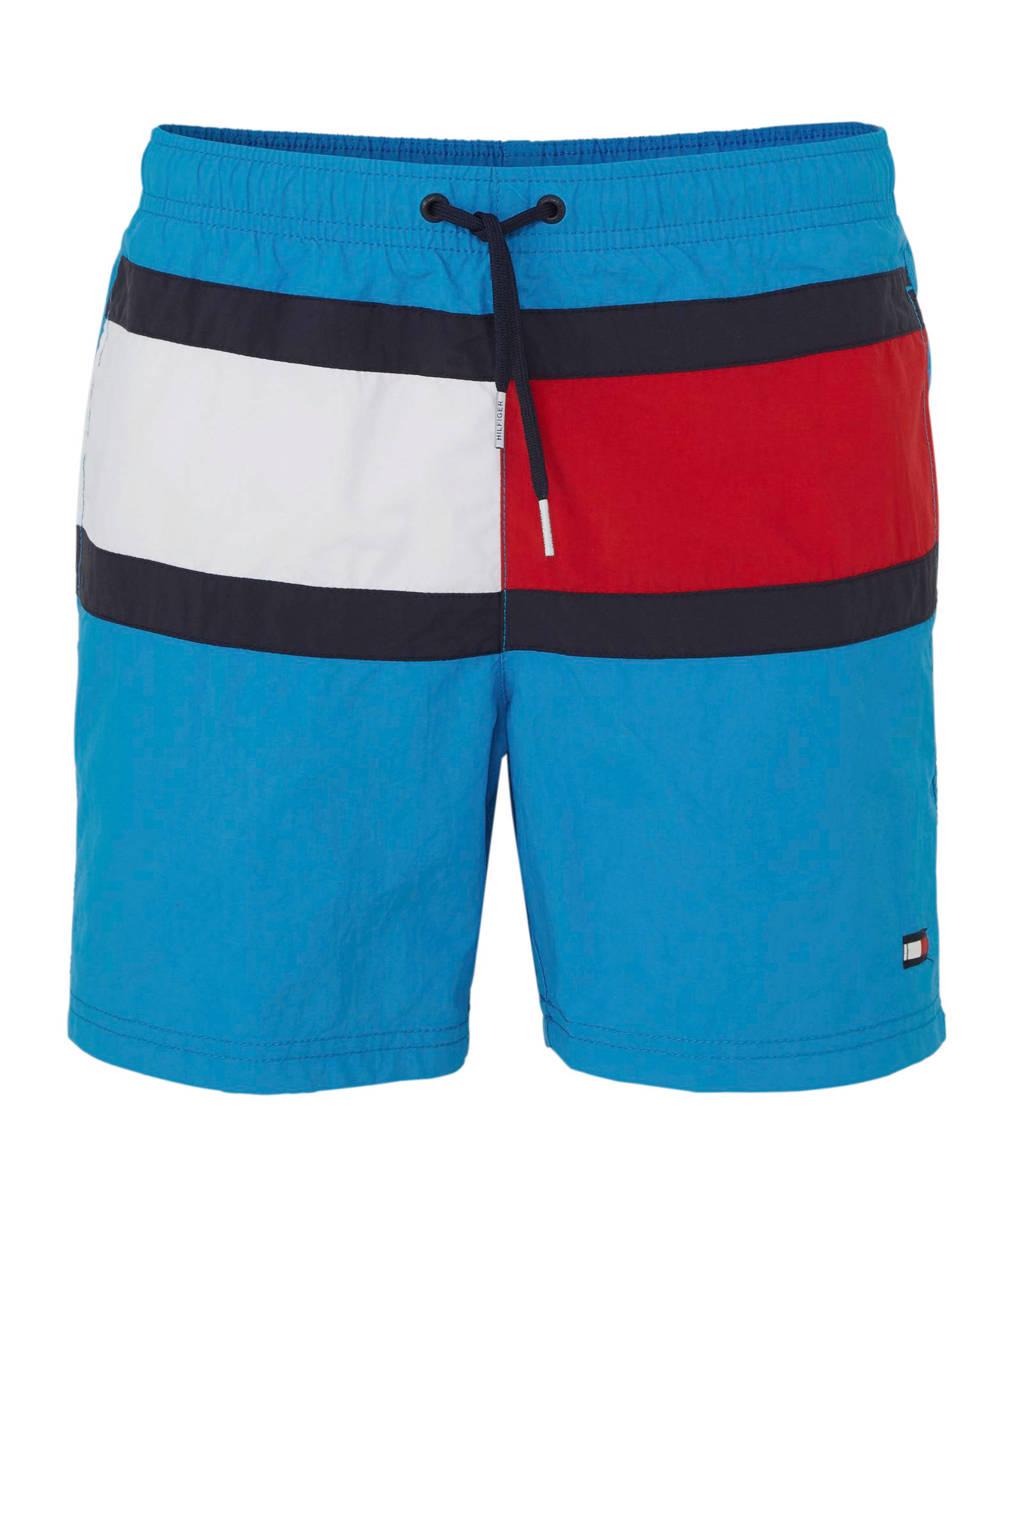 Tommy Hilfiger zwemshort met kleurvlakken blauw, Blauw/rood/wit